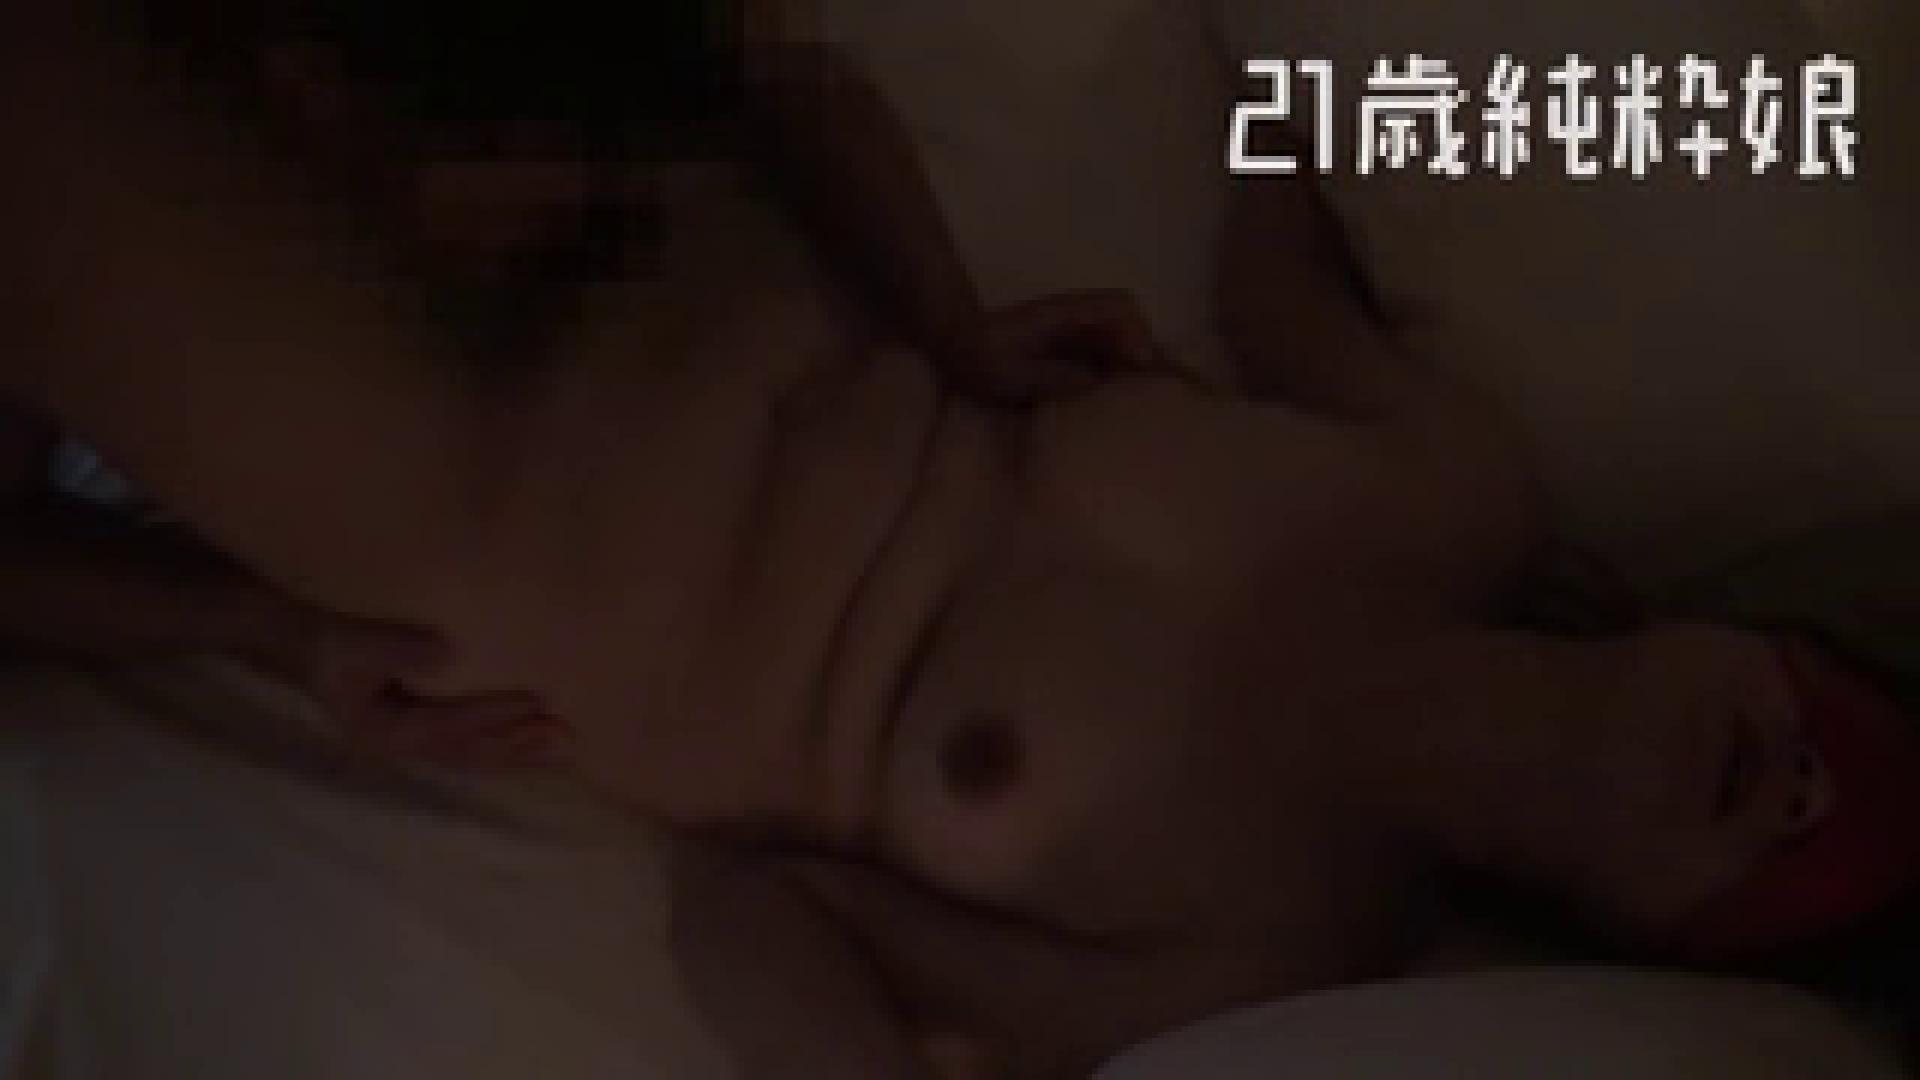 上京したばかりのGカップ21歳純粋嬢を都合の良い女にしてみた4 ホテル | ギャル達のおっぱい  96画像 89